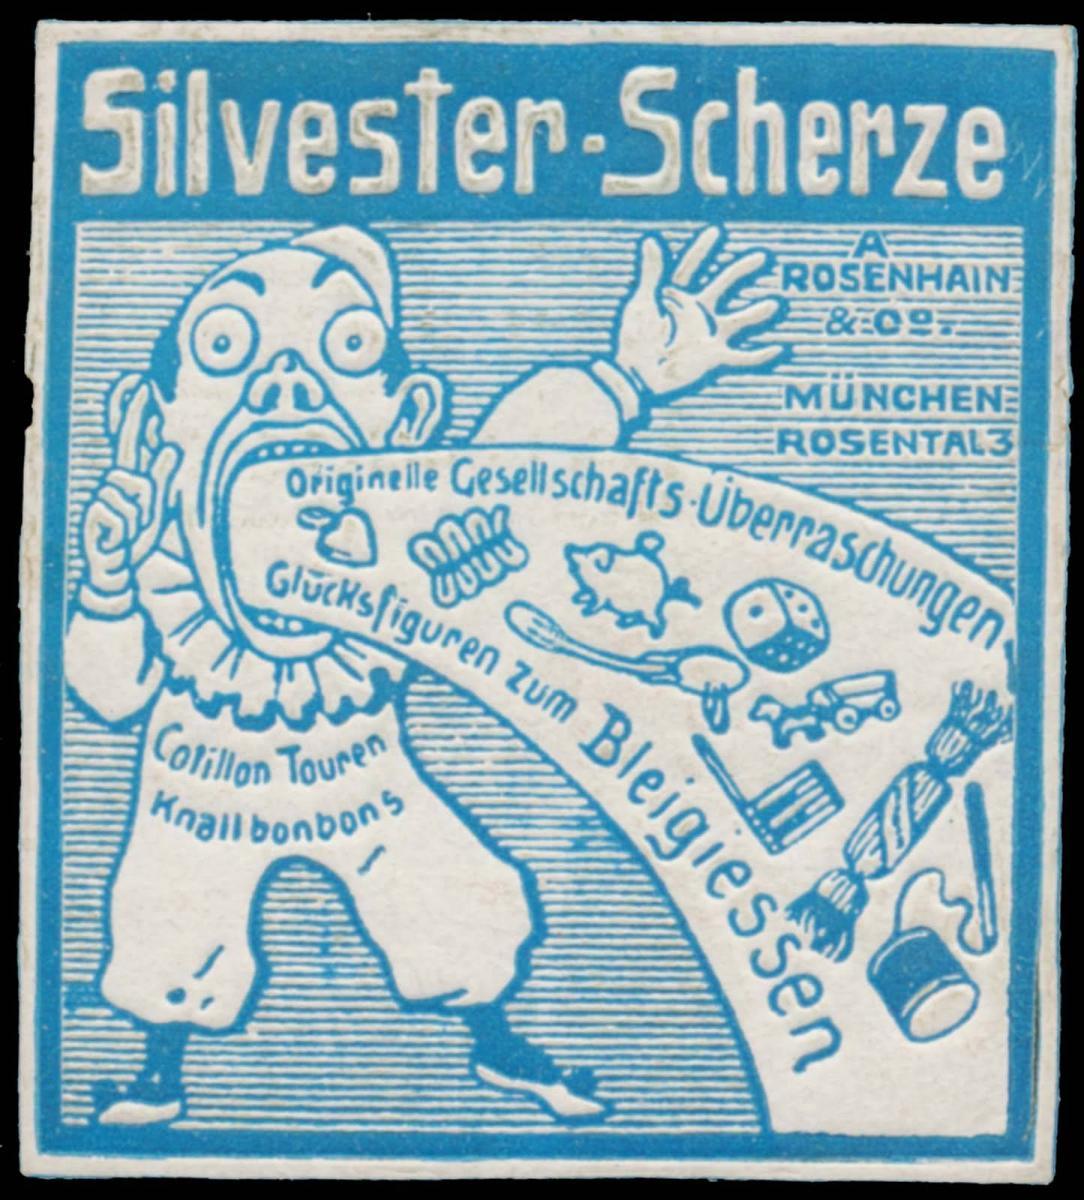 Silvester-Scherze